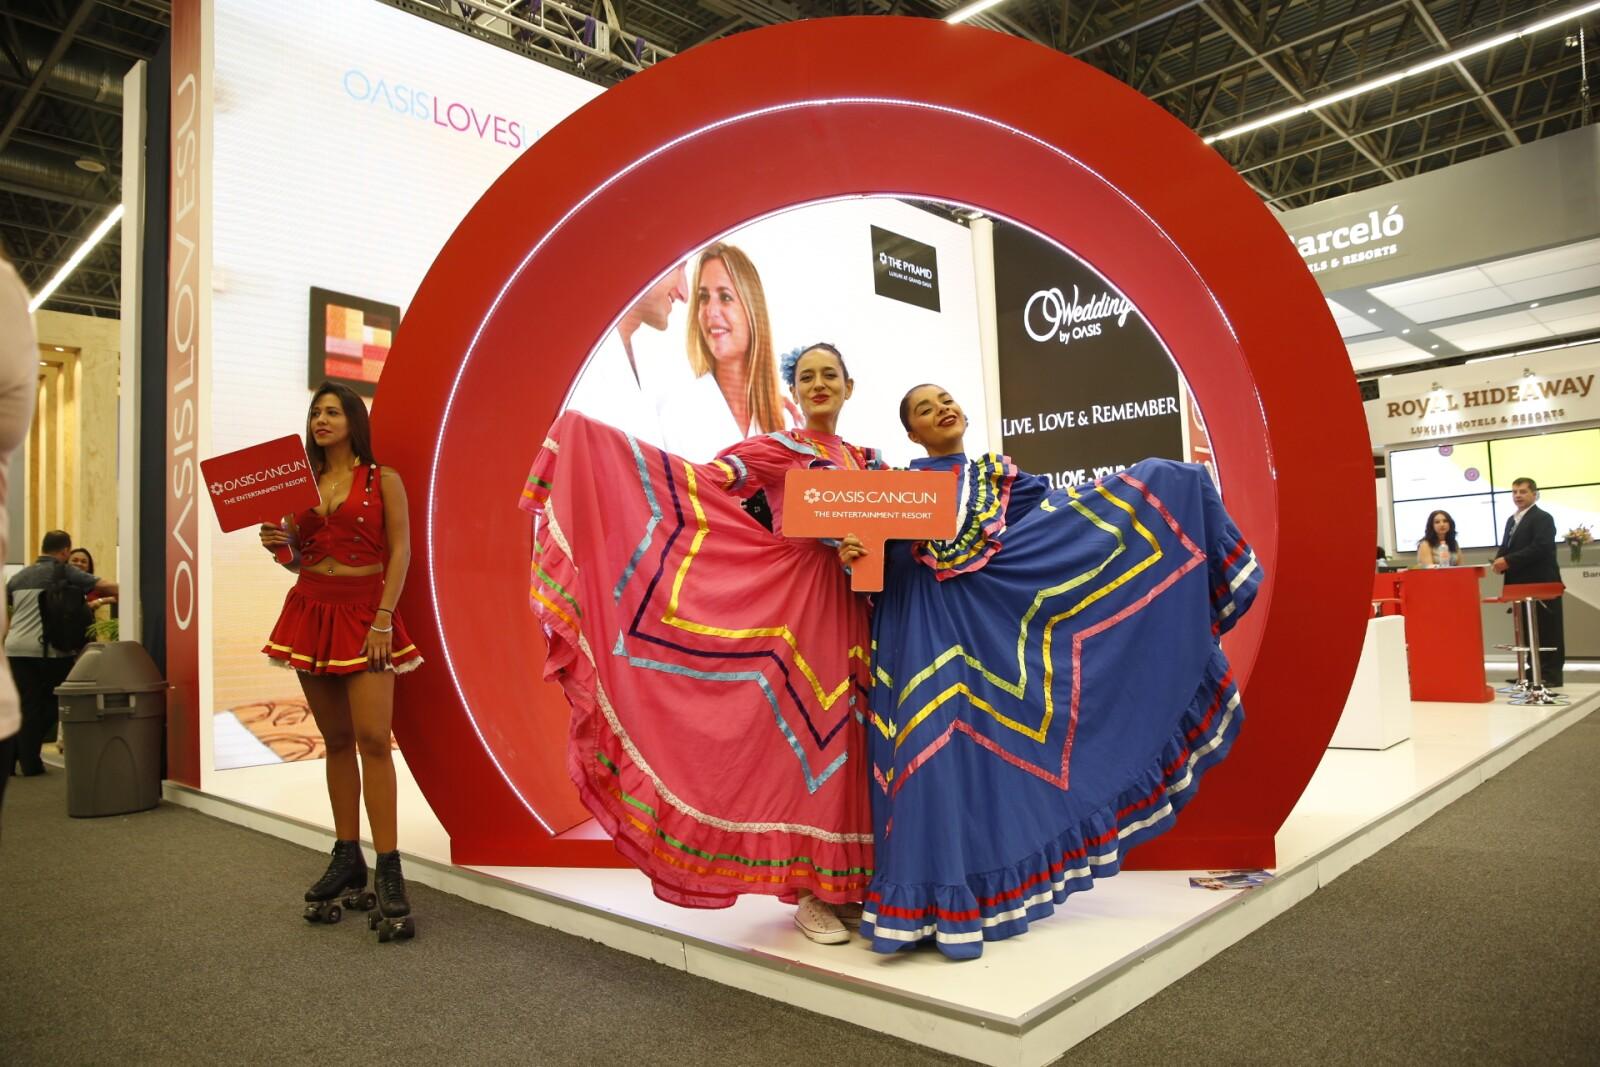 El pasado lunes se inauguró la edición 41 del Tianguis Turístico de México en Guadalajara, Jalisco. Durante la apertura del evento, el presidente Enrique Peña Nieto resaltó que el turismo representa el 8.5% del Producto Interno Bruto.